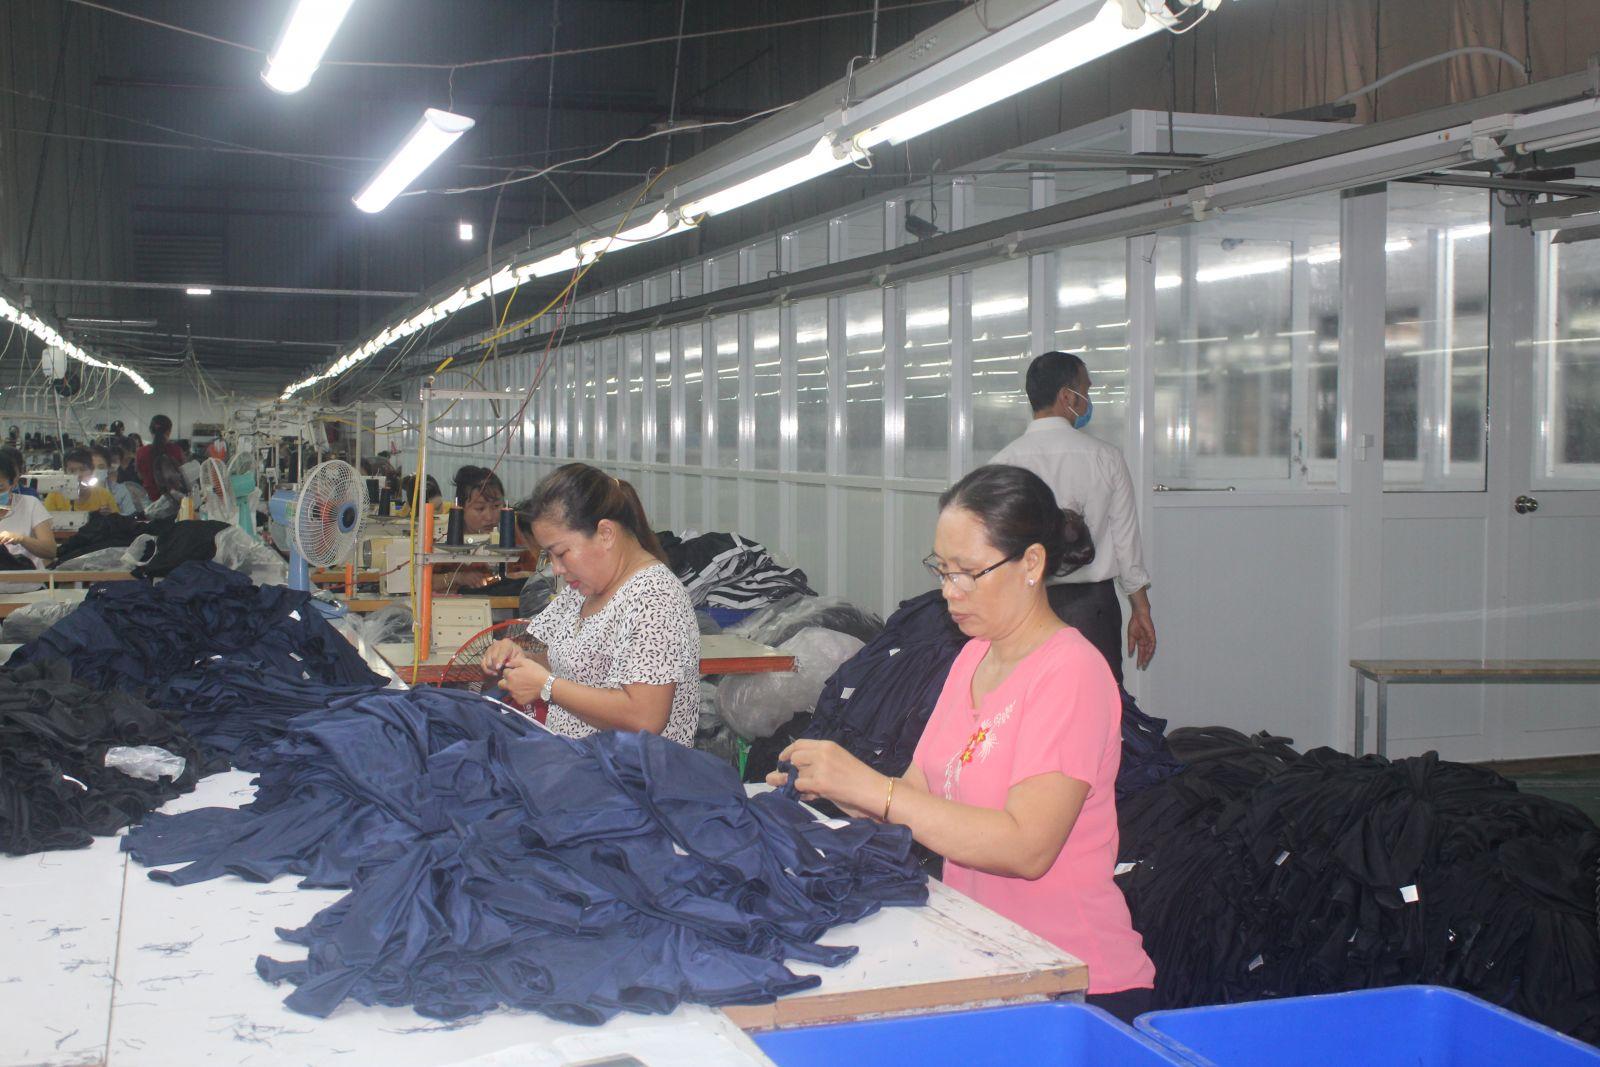 Công ty, doanh nghiệp dần phục hồi sản xuất, tạo việc làm ổn định cho công nhân, lao động